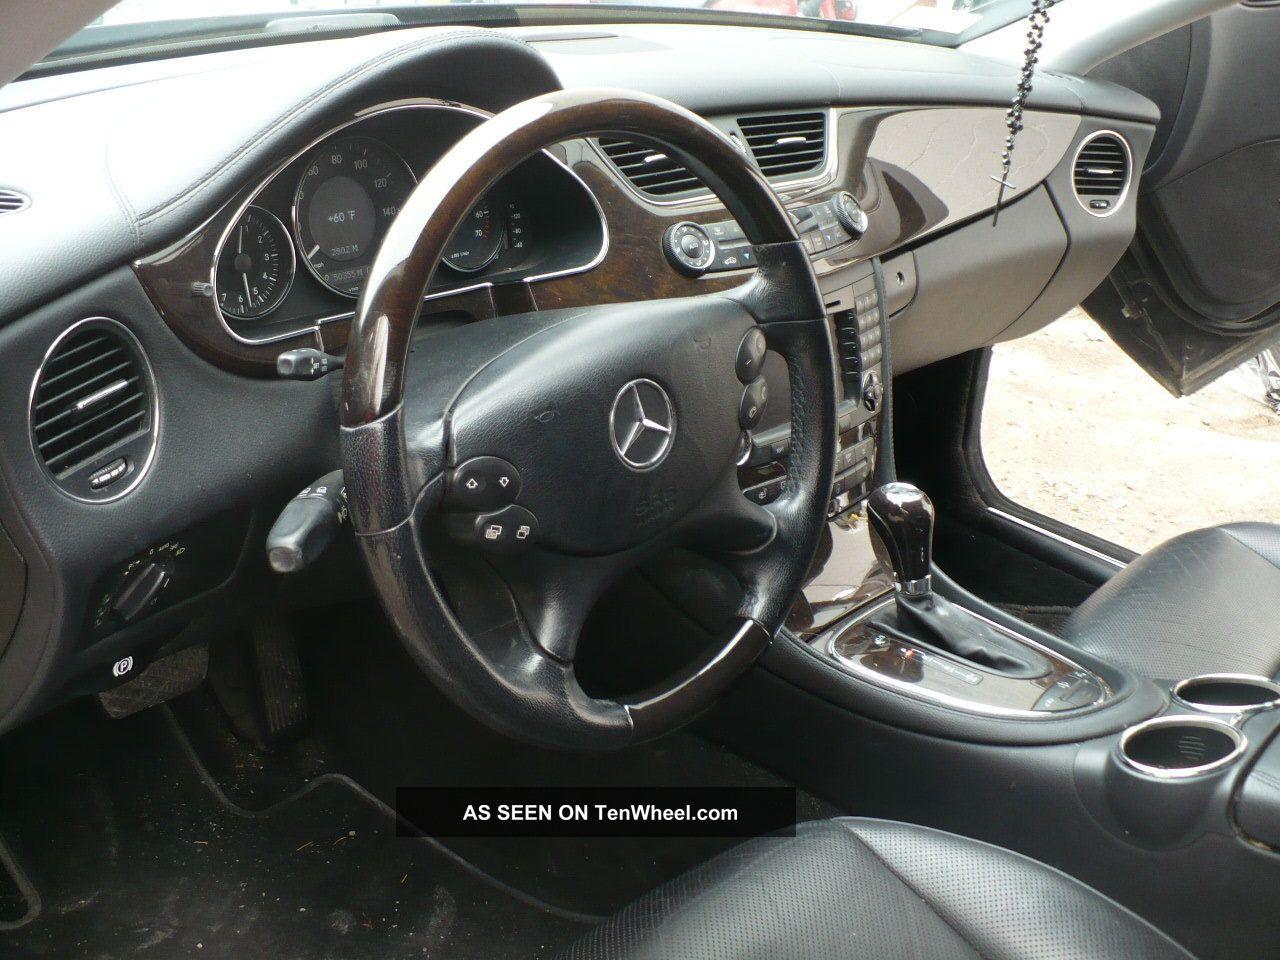 Mercedes Cls 2006 Interior 2006 Cls 500 Mercedes Benz